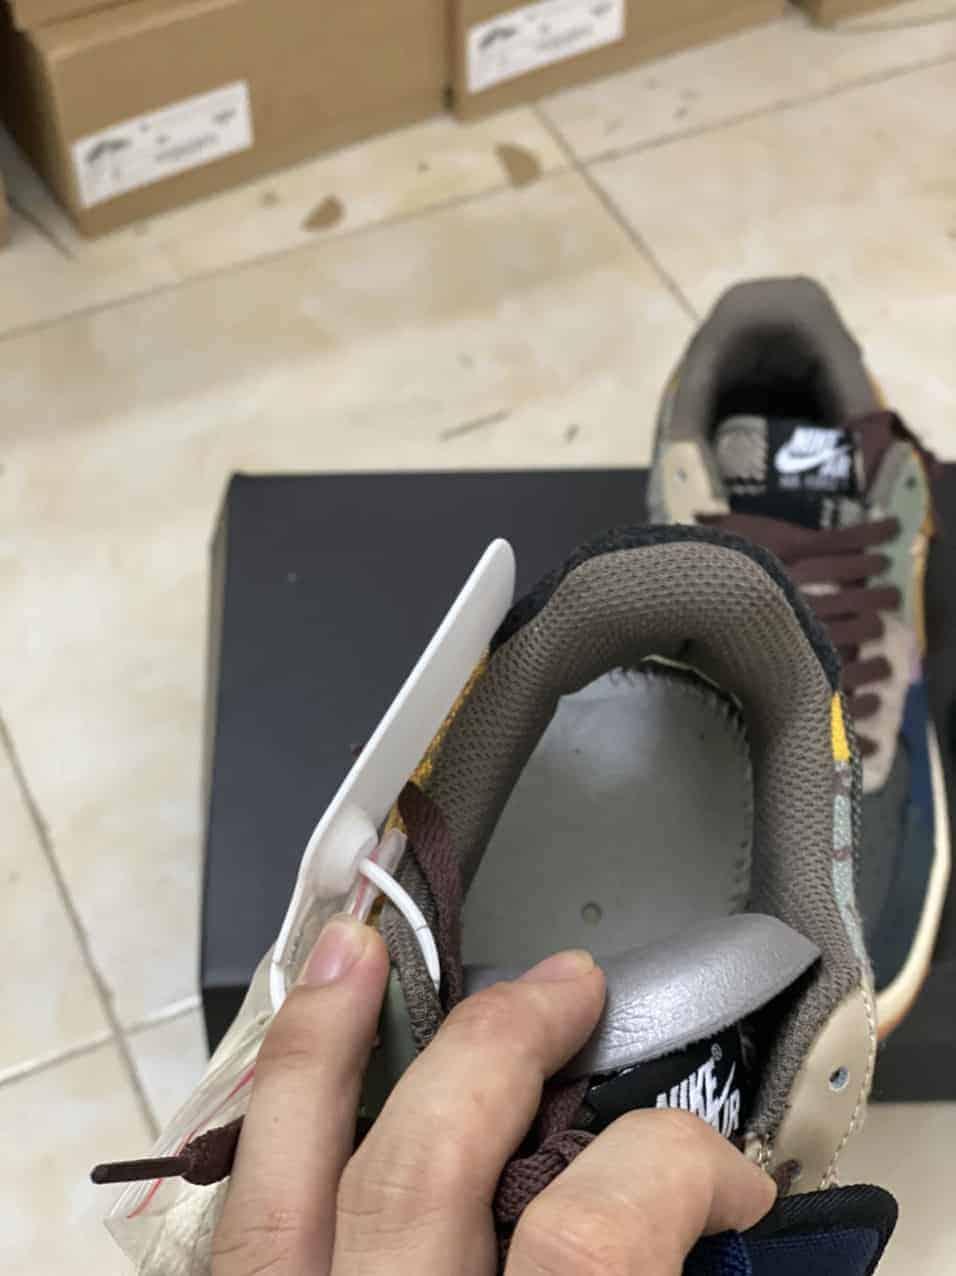 Nike Air Force 1 Travis Scott Cactus Jack Rep 1:1 có giá siêu tốt giúp bạn tiết kiệm đáng kể chi phí